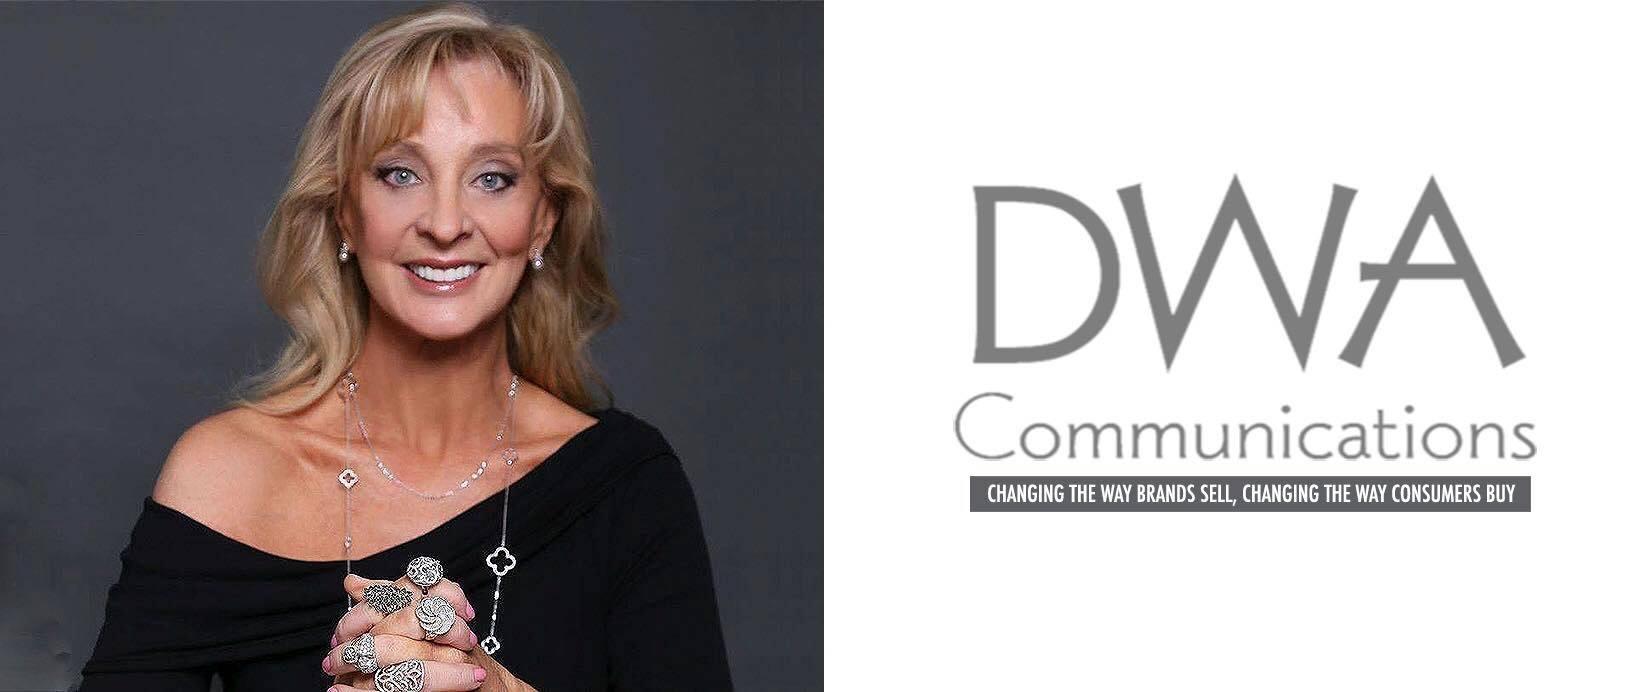 DWA Communications